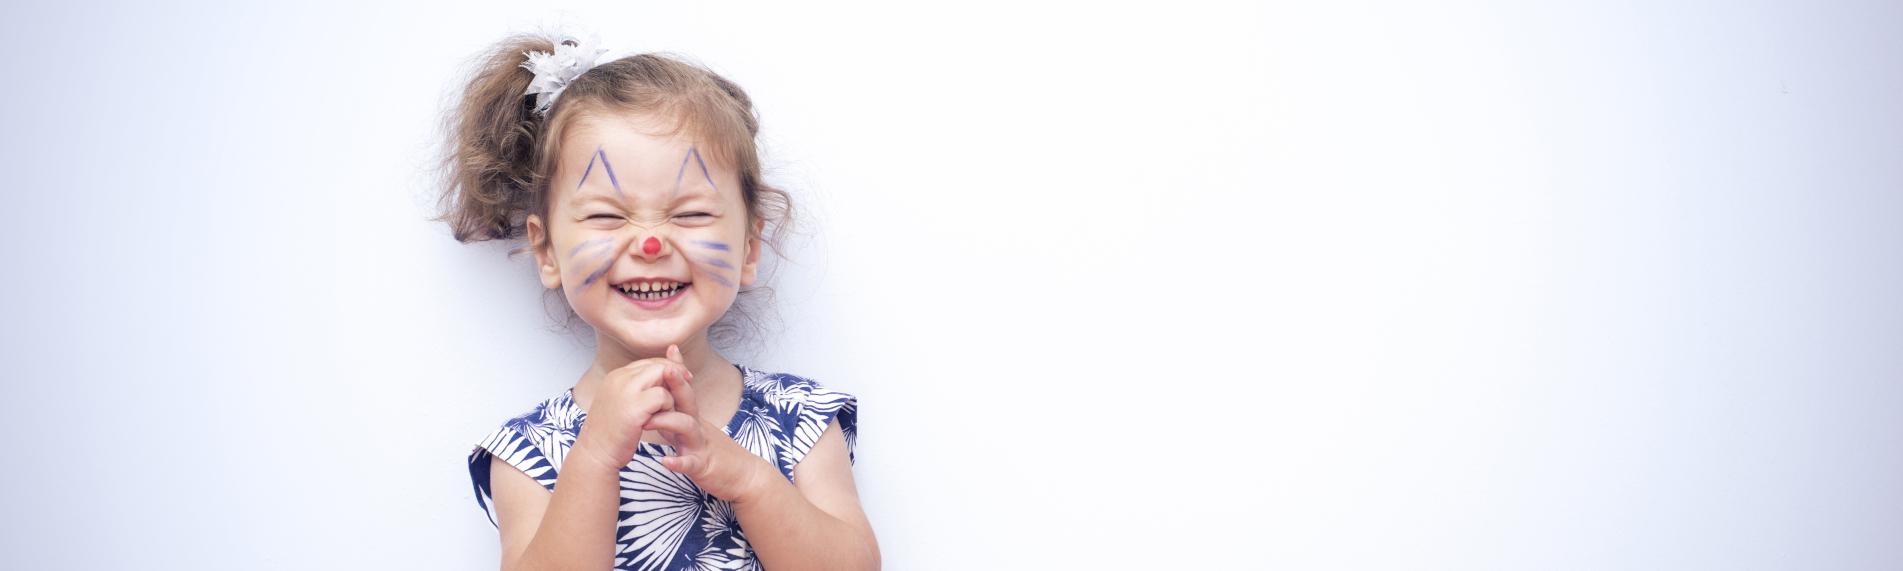 Hälsosamt inomhusklimat hjälper barn i daginstitution